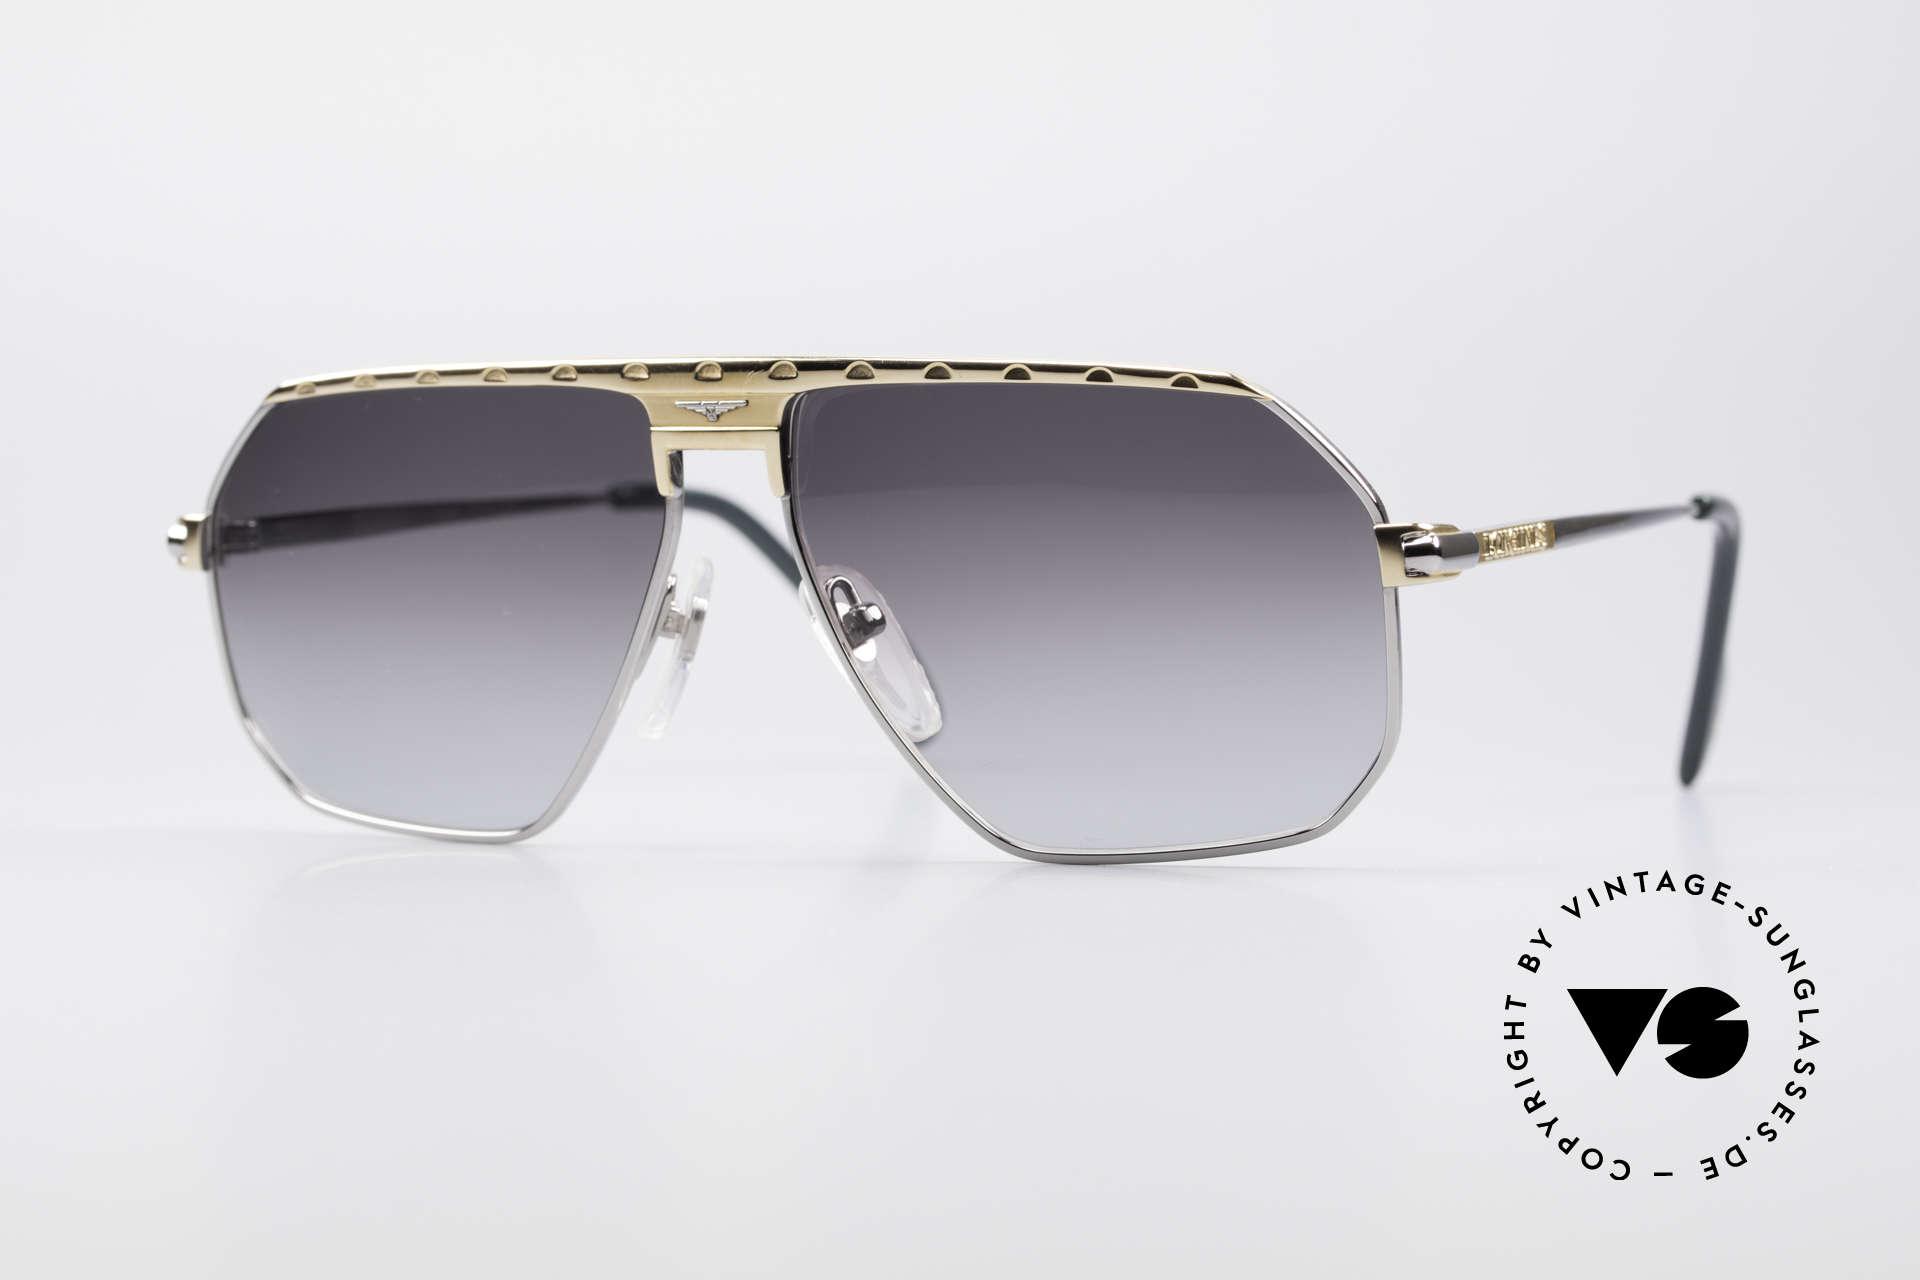 Longines 0152 Rare 80's Titanium Sunglasses, premium vintage 80's designer shades by Longines, Made for Men